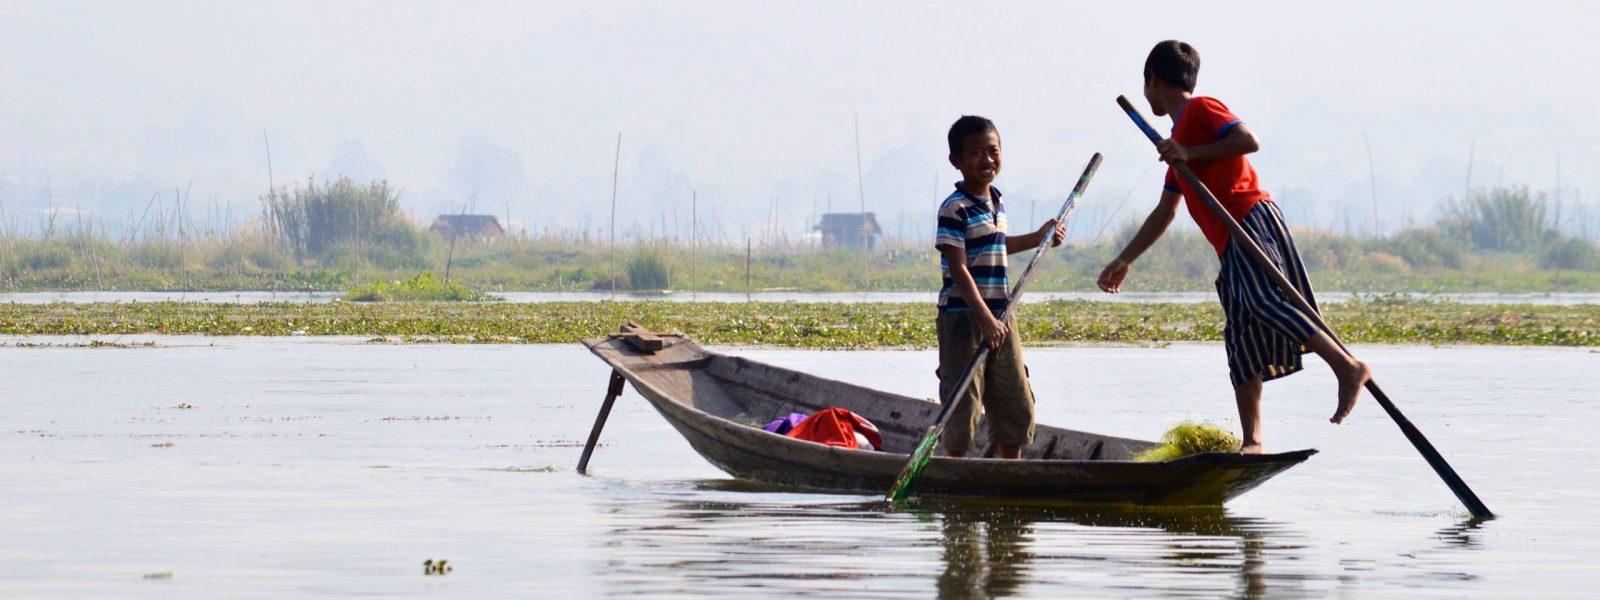 Inle Lake - Boys on Lake - Myanmar - Sampan Travel